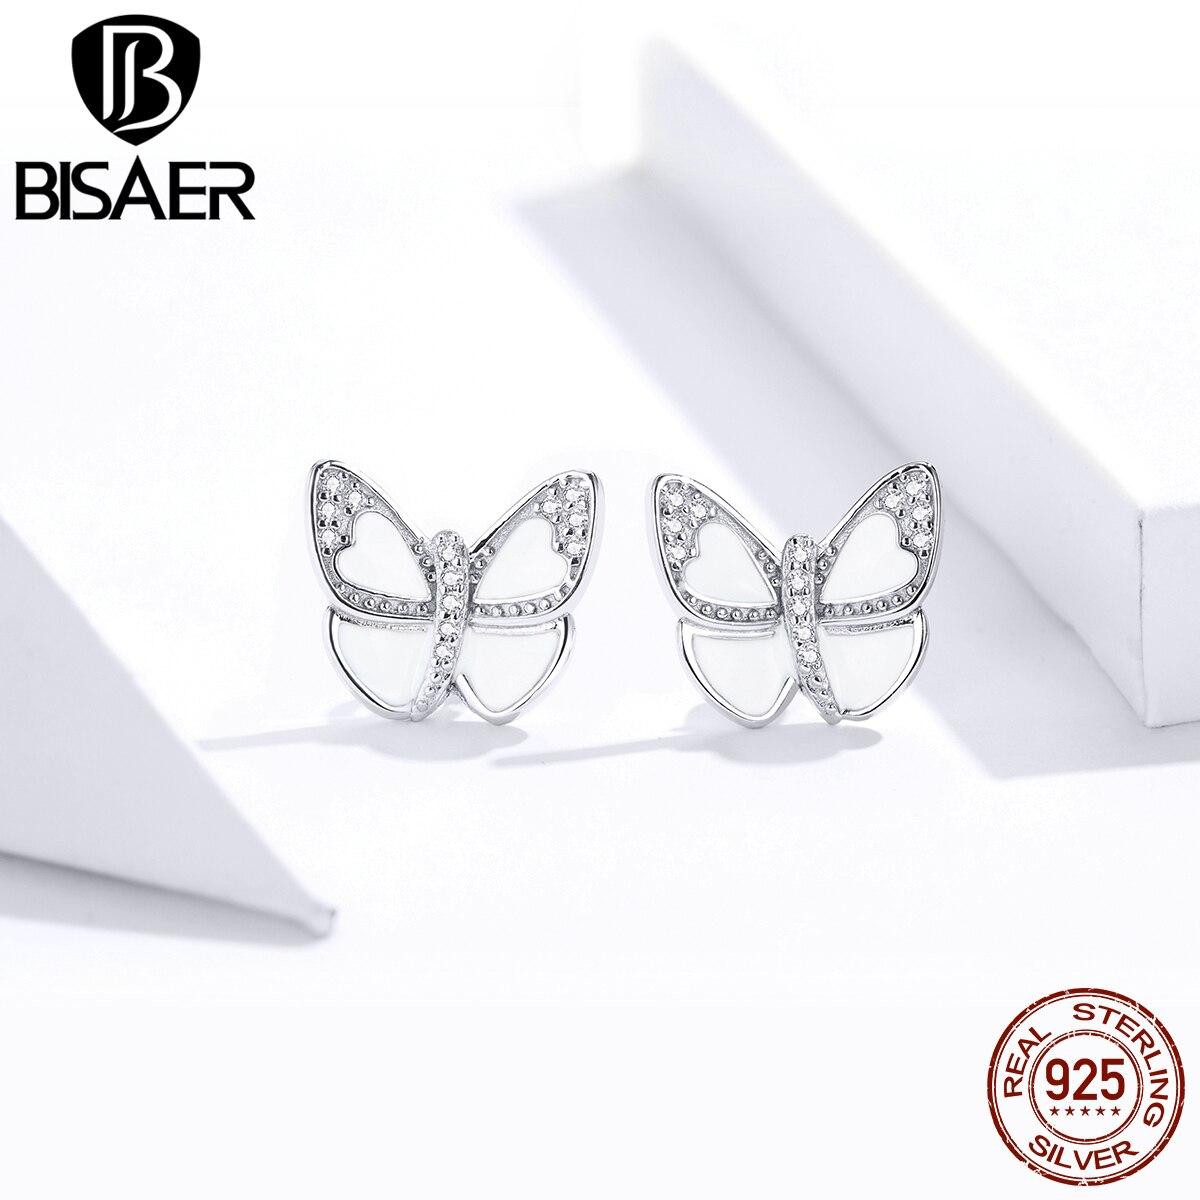 Женские маленькие серьги-гвоздики BISAER, серебряные и белые серьги-бабочки с 925 пробы, ювелирные изделия, HSE876